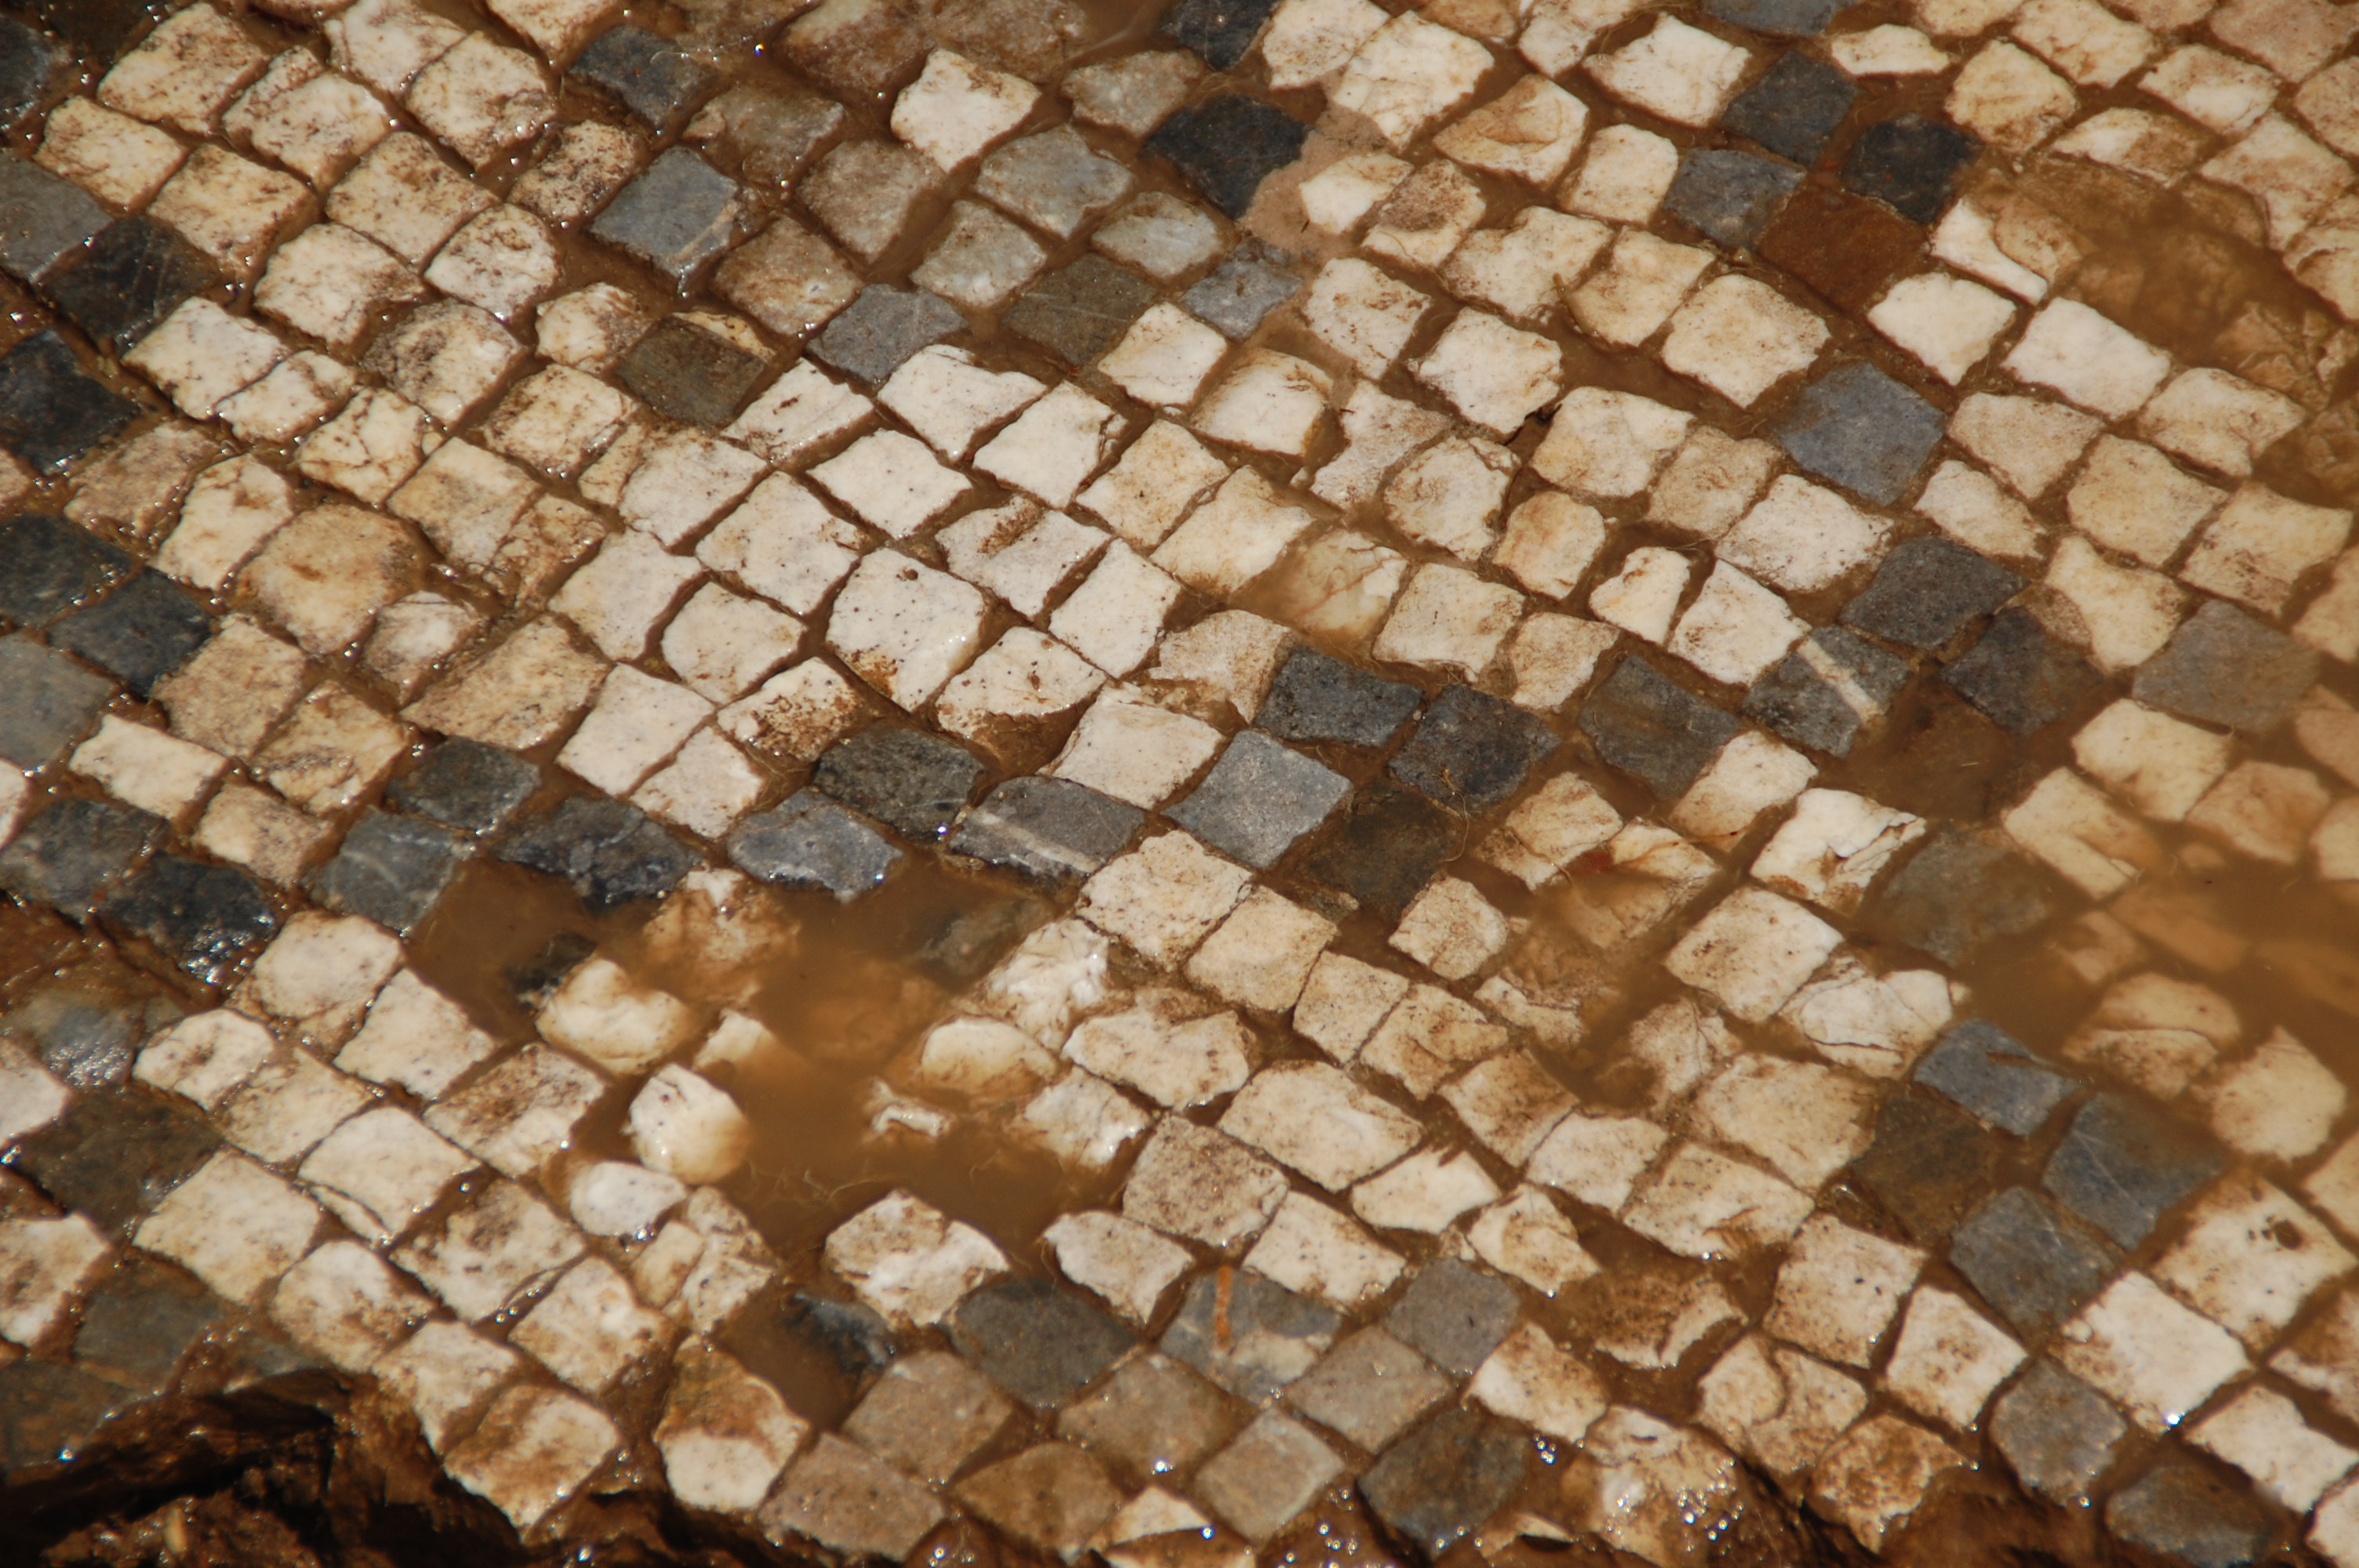 Roman floor tiles